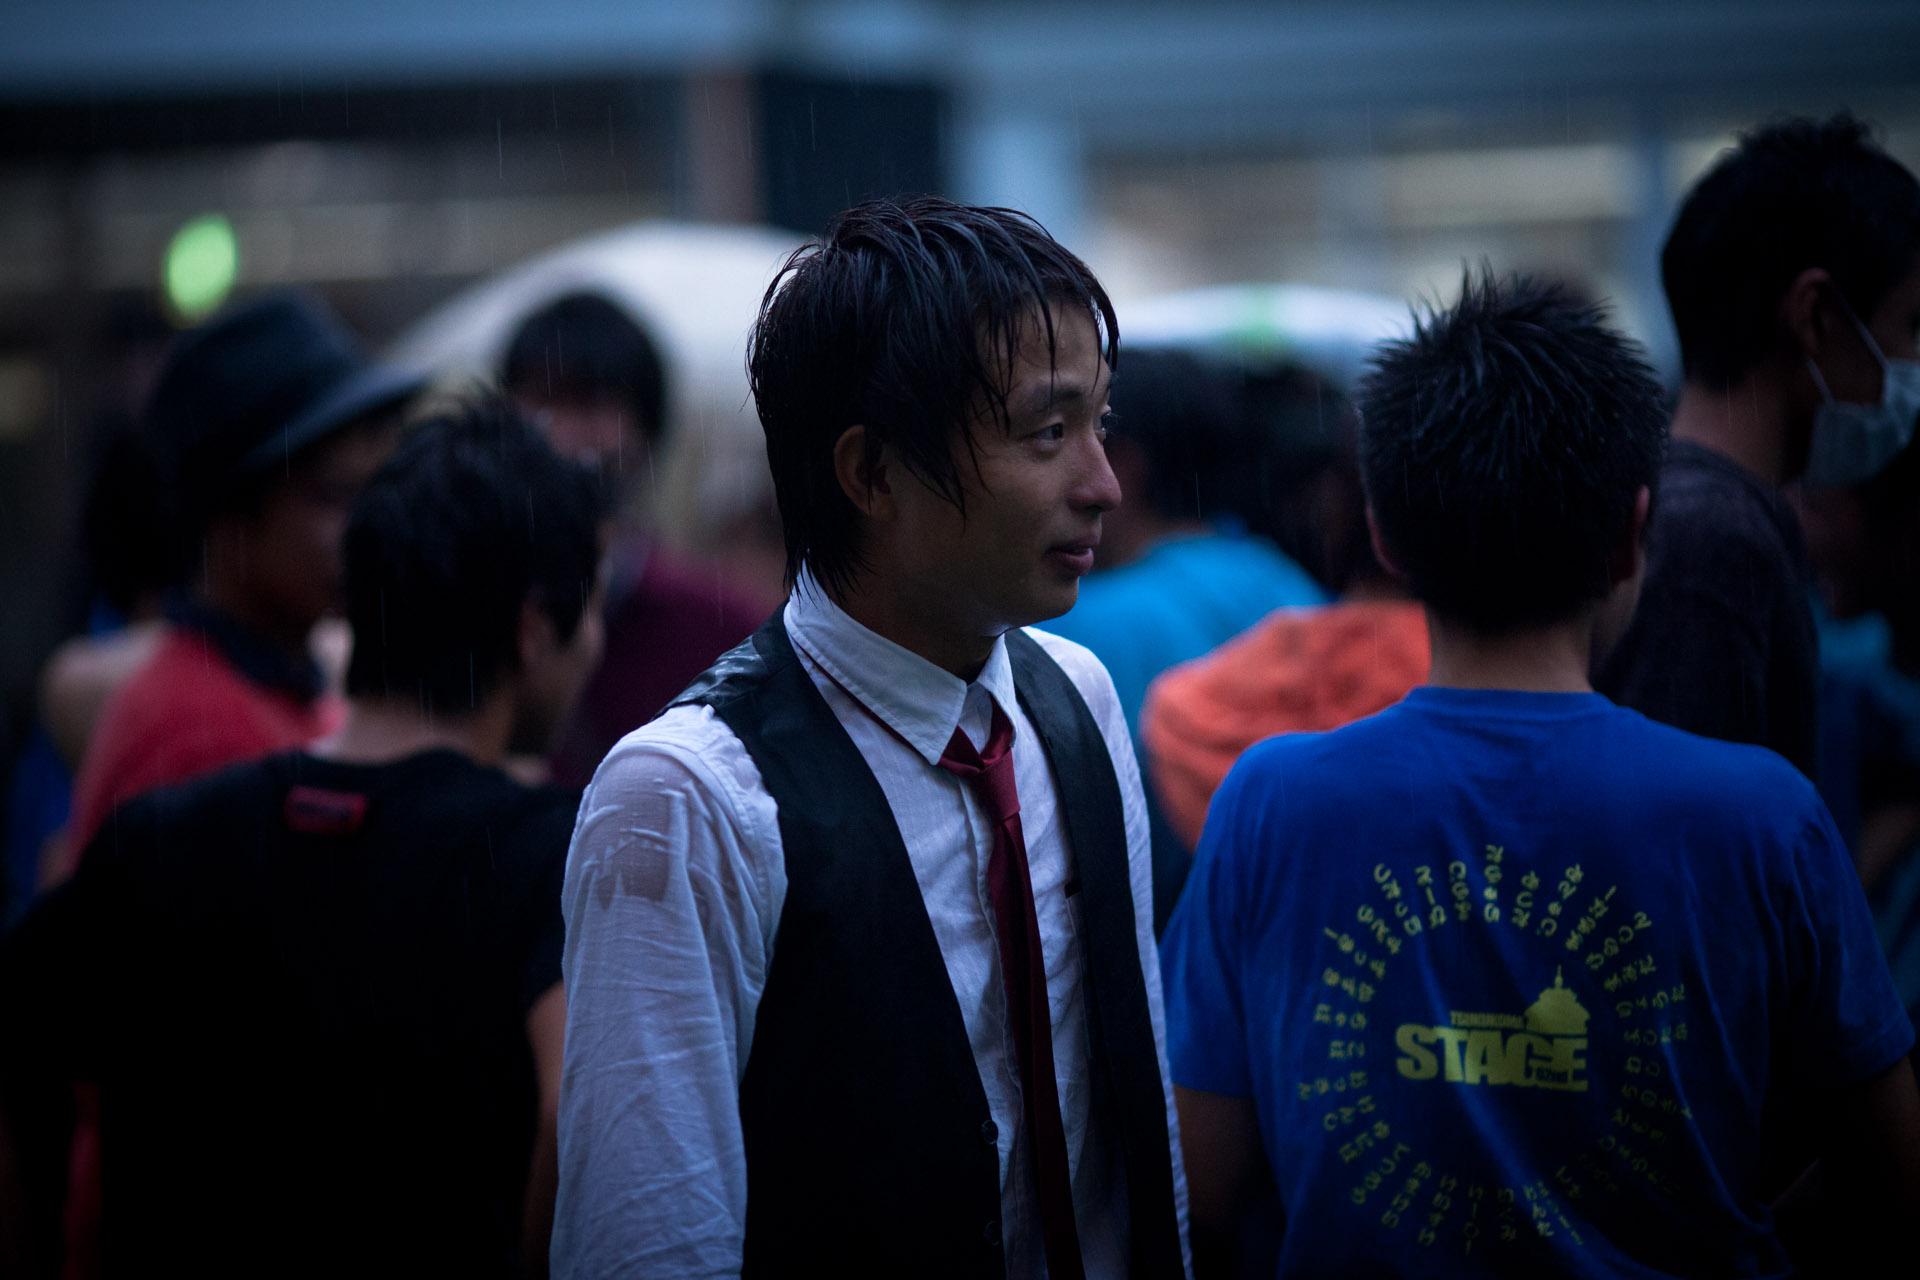 豪雨と共に文化祭閉幕